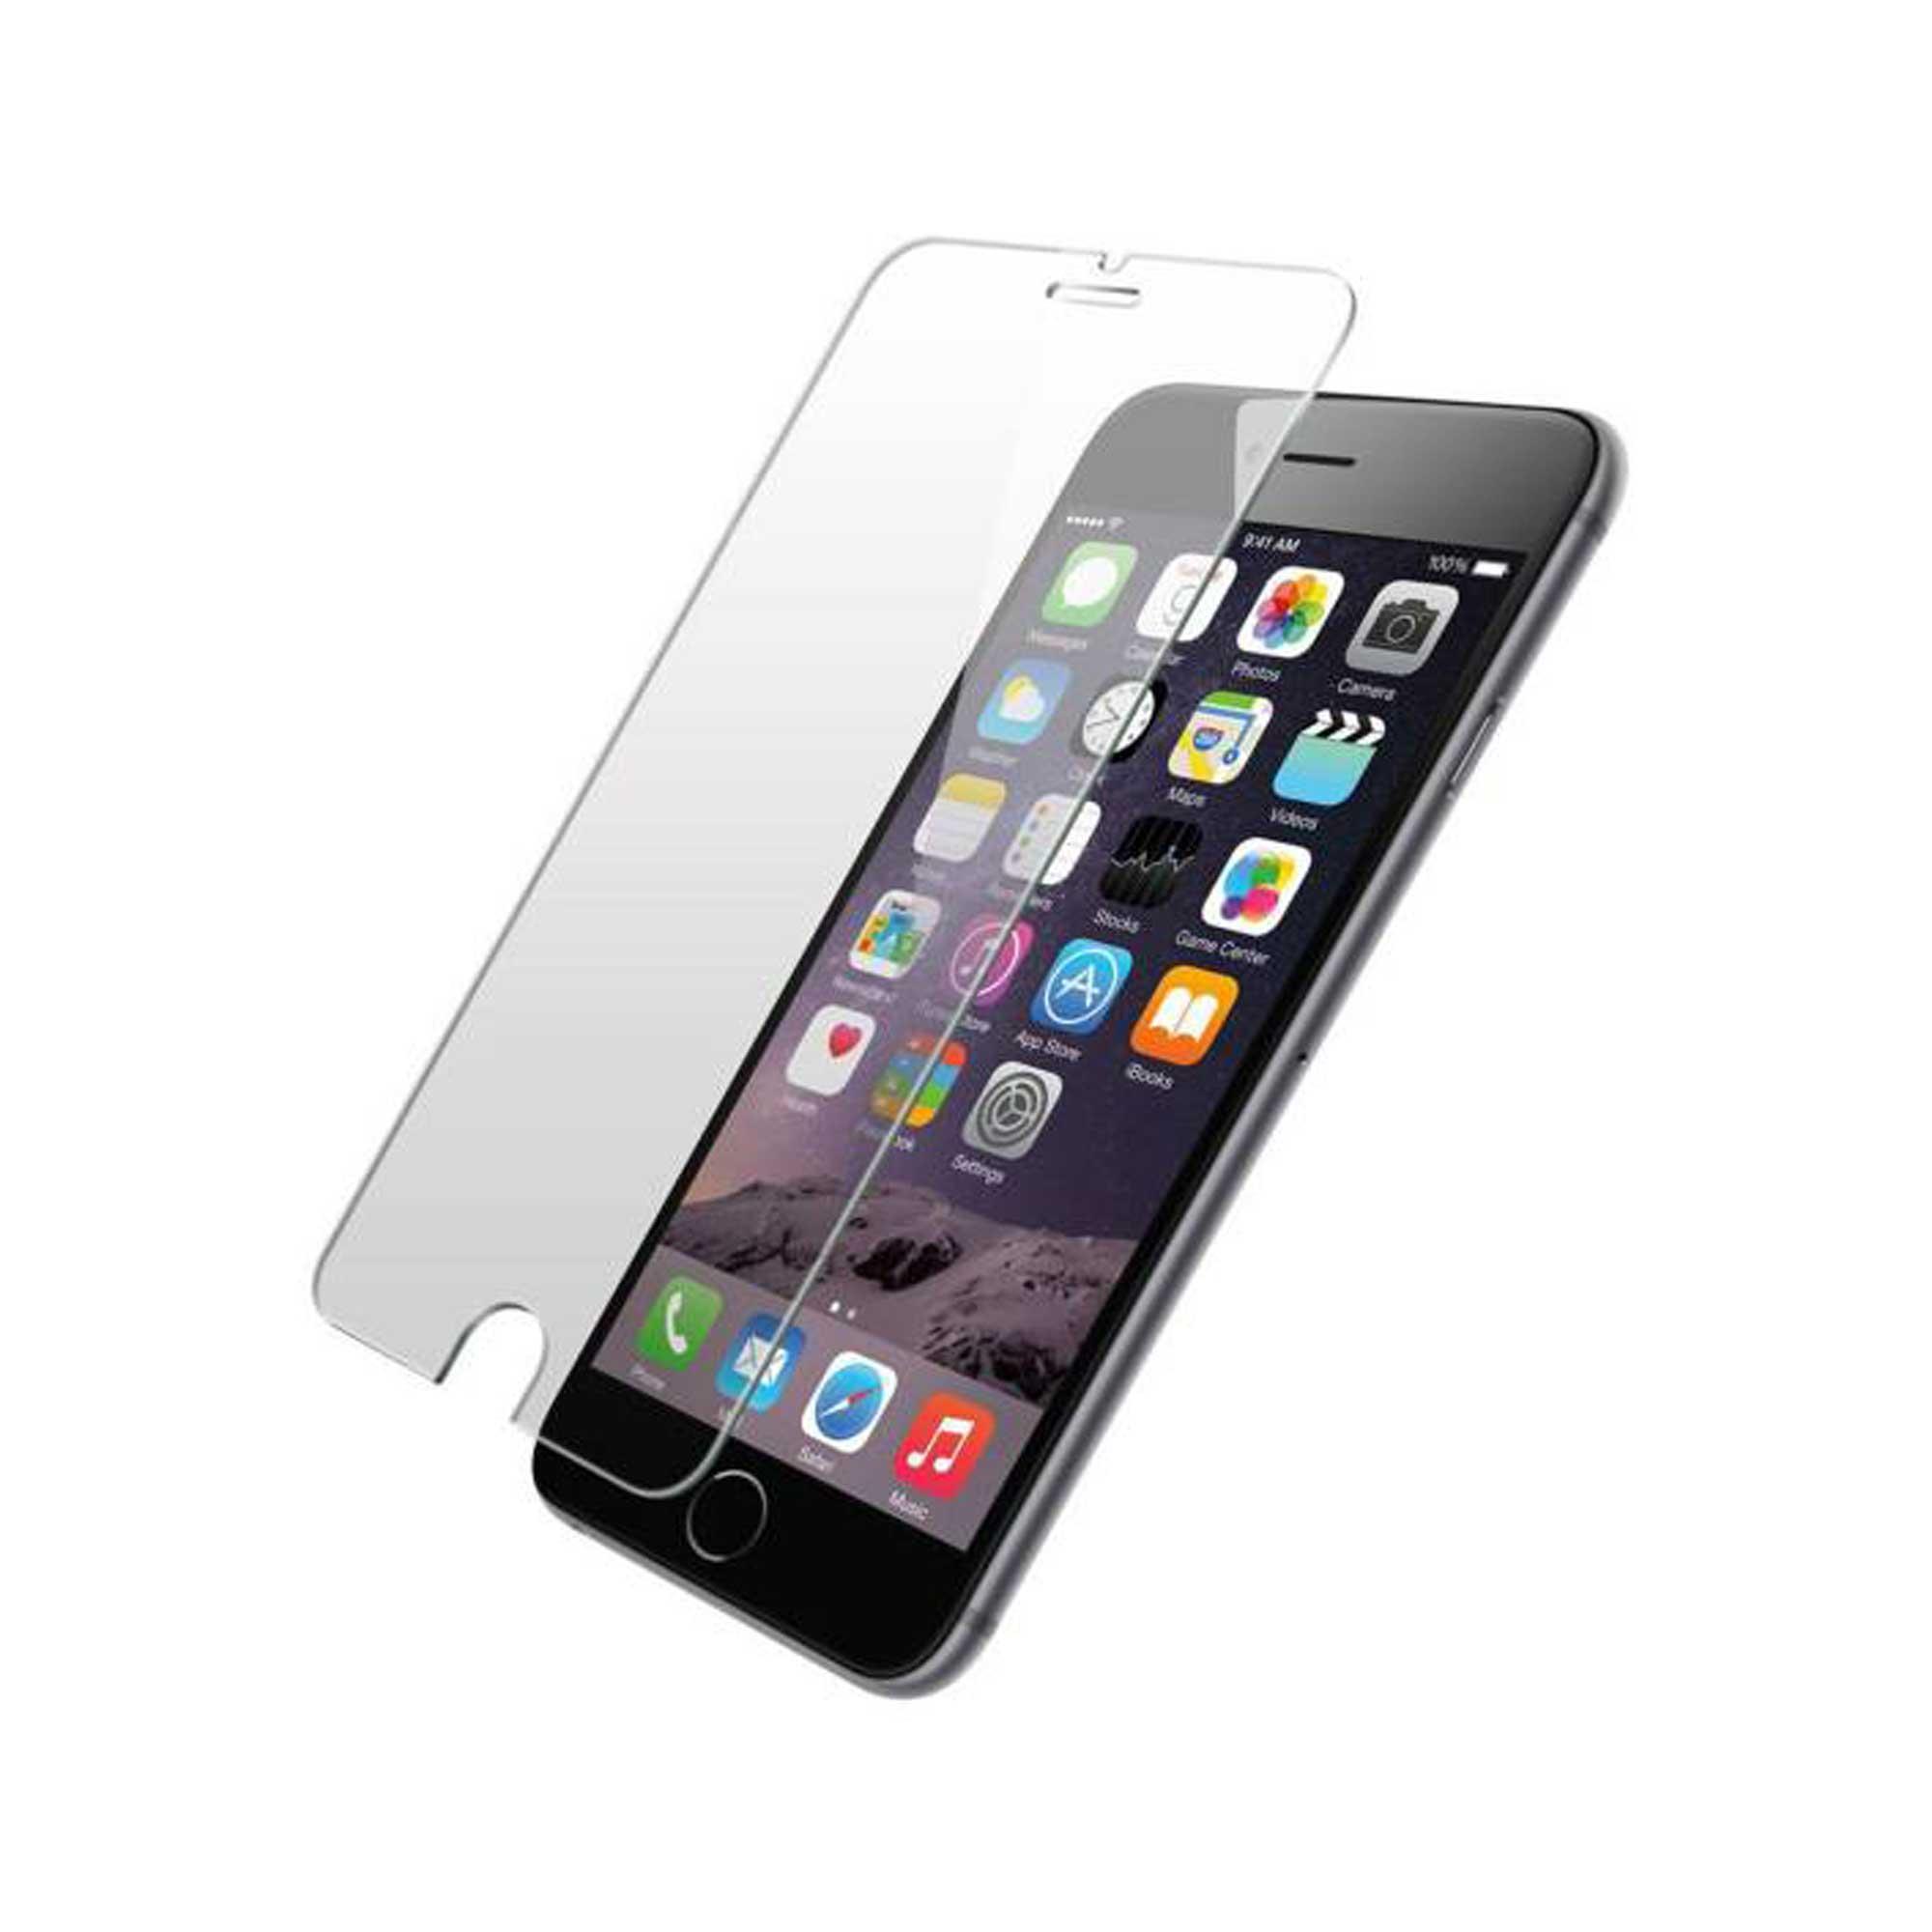 محافظ صفحه نمایش مدل F-D مناسب برای گوشی موبایل  اپل iPhone 6/6s Plus